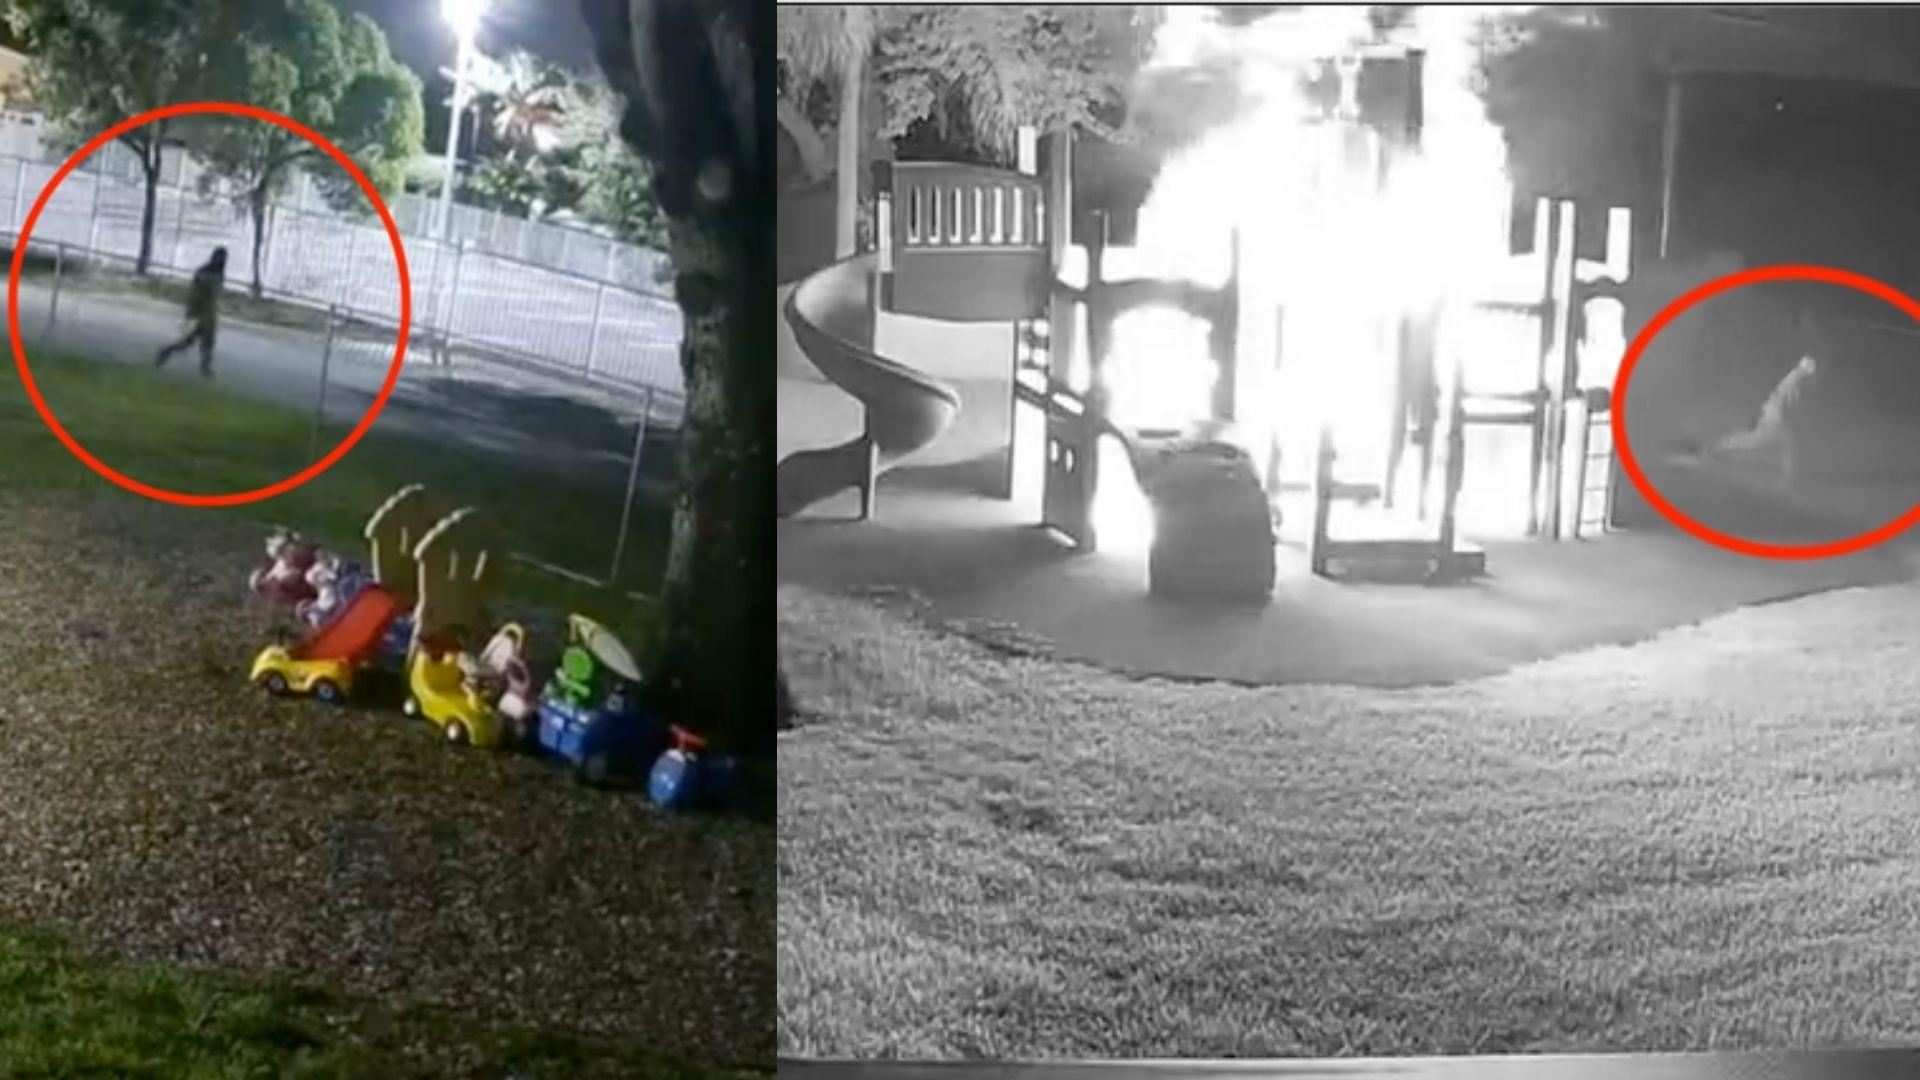 los ninos ya no tienen donde jugar: buscan al responsable de incendiar el parque de una escuela en homestead